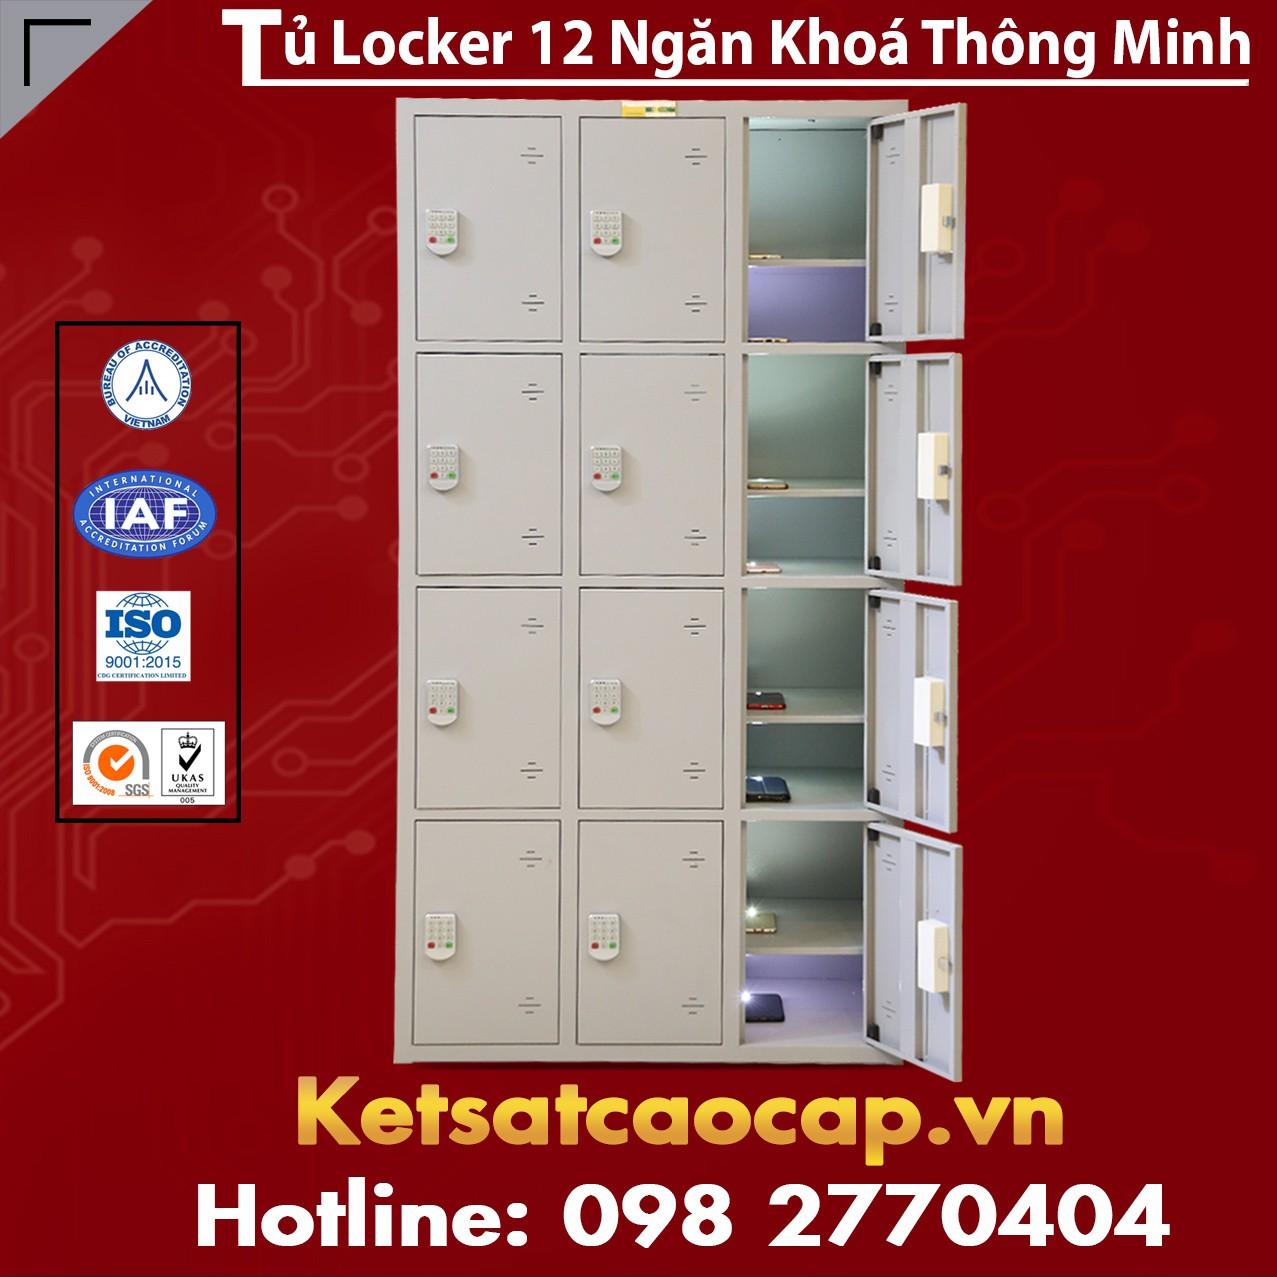 Tủ Locker 12 Ngăn Khoá Thông Minh